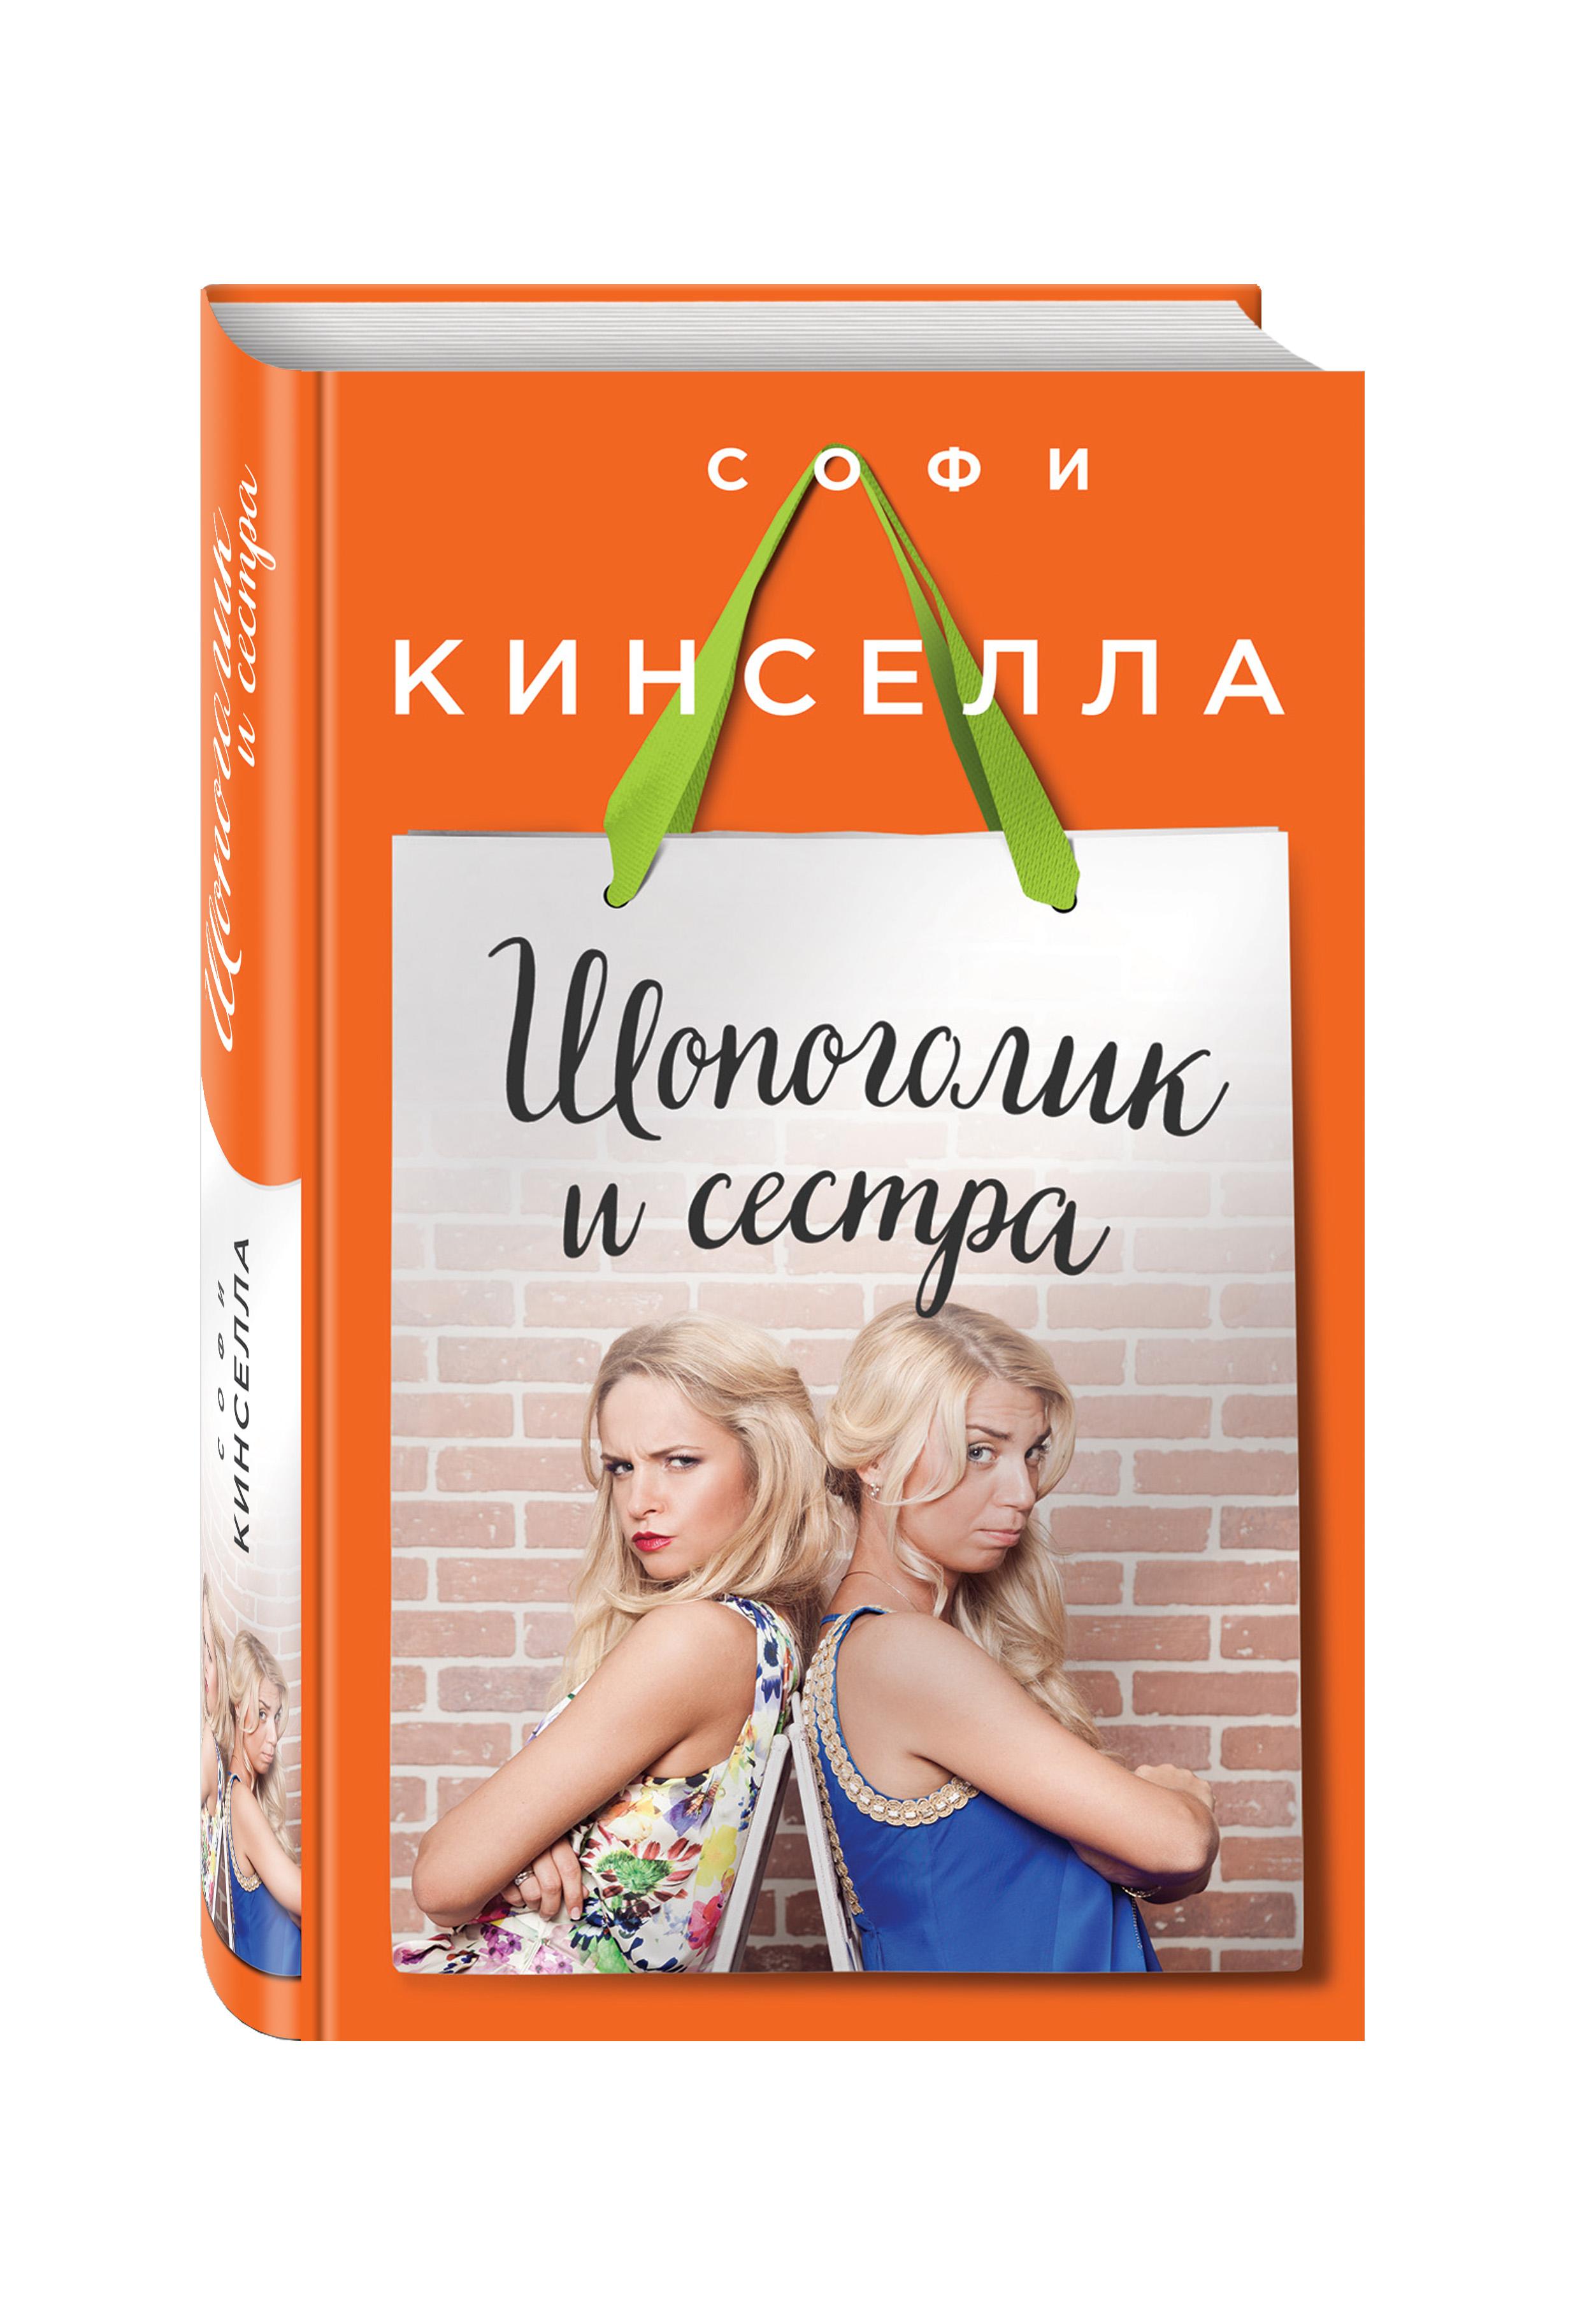 Софи Кинселла Шопоголик и сестра